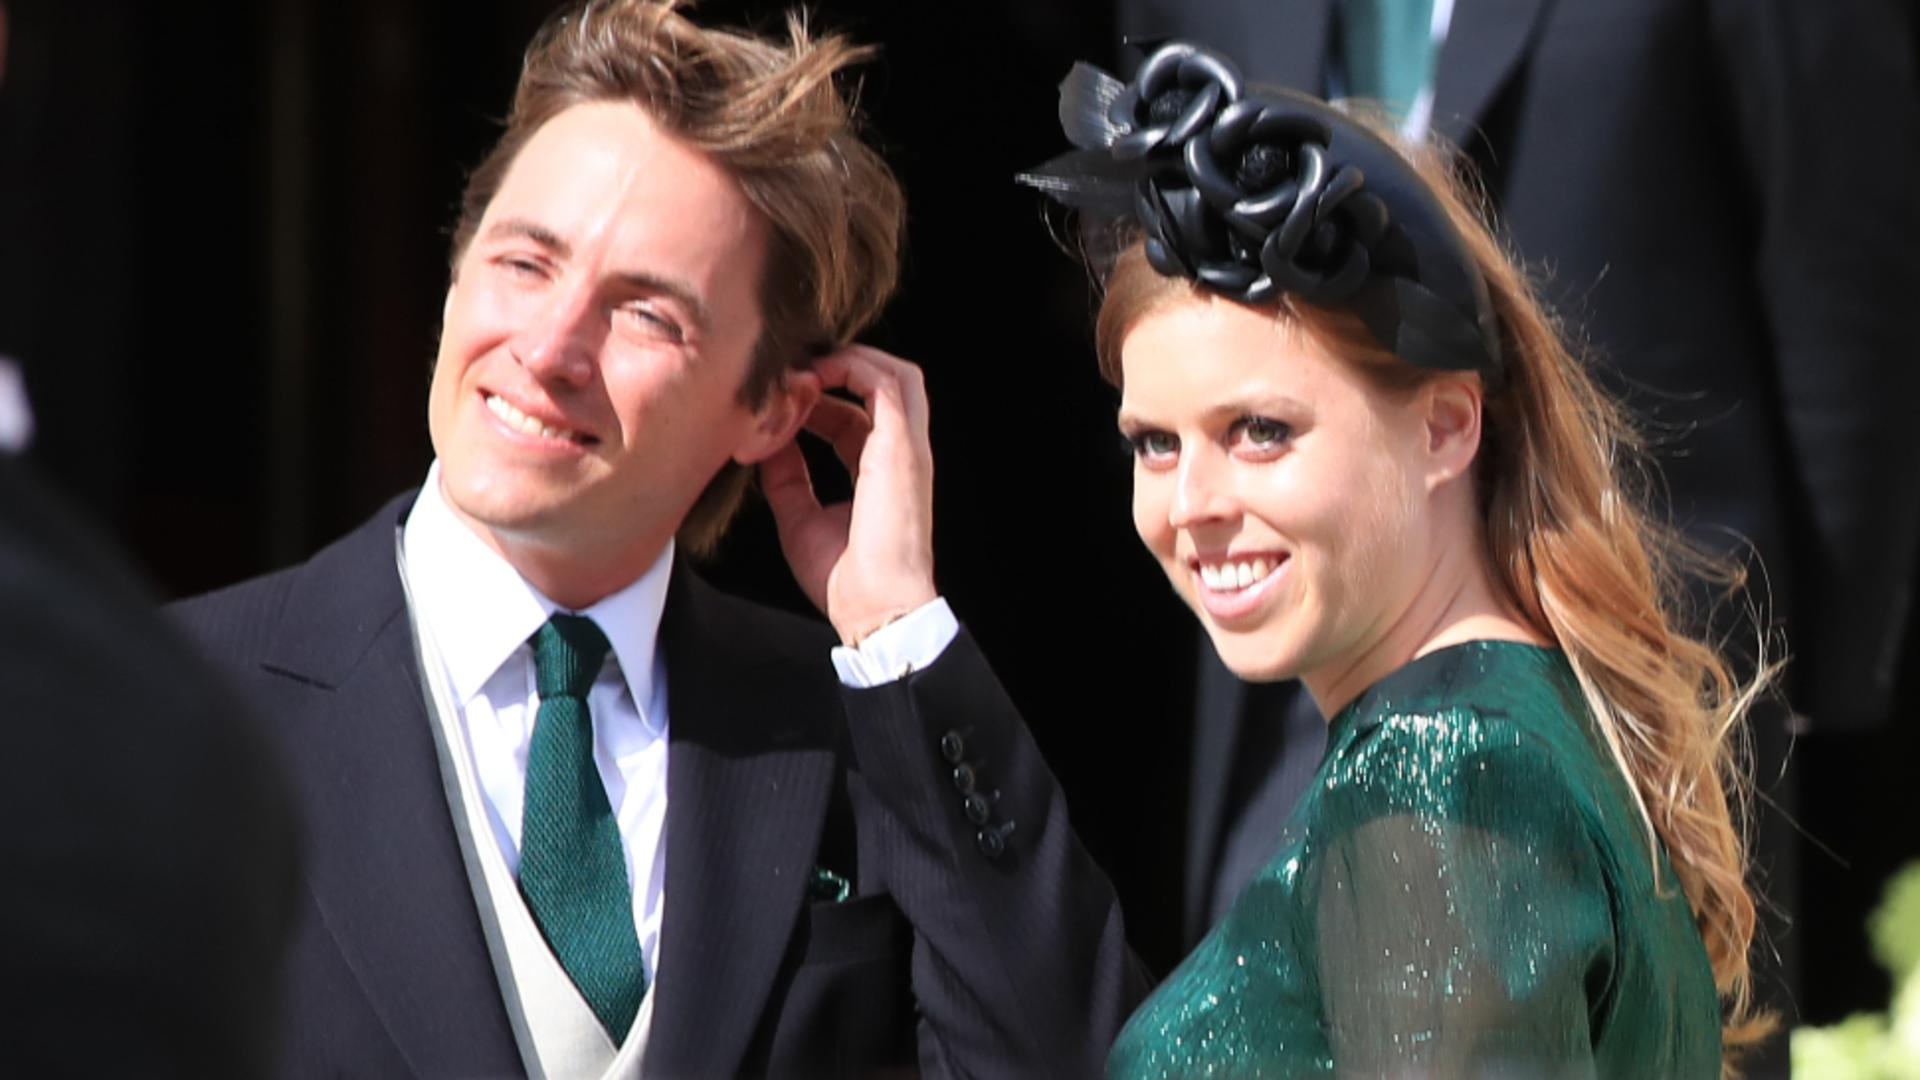 Prințesa Beatrice a născut o fetiță. Sursa foto: Profi Media